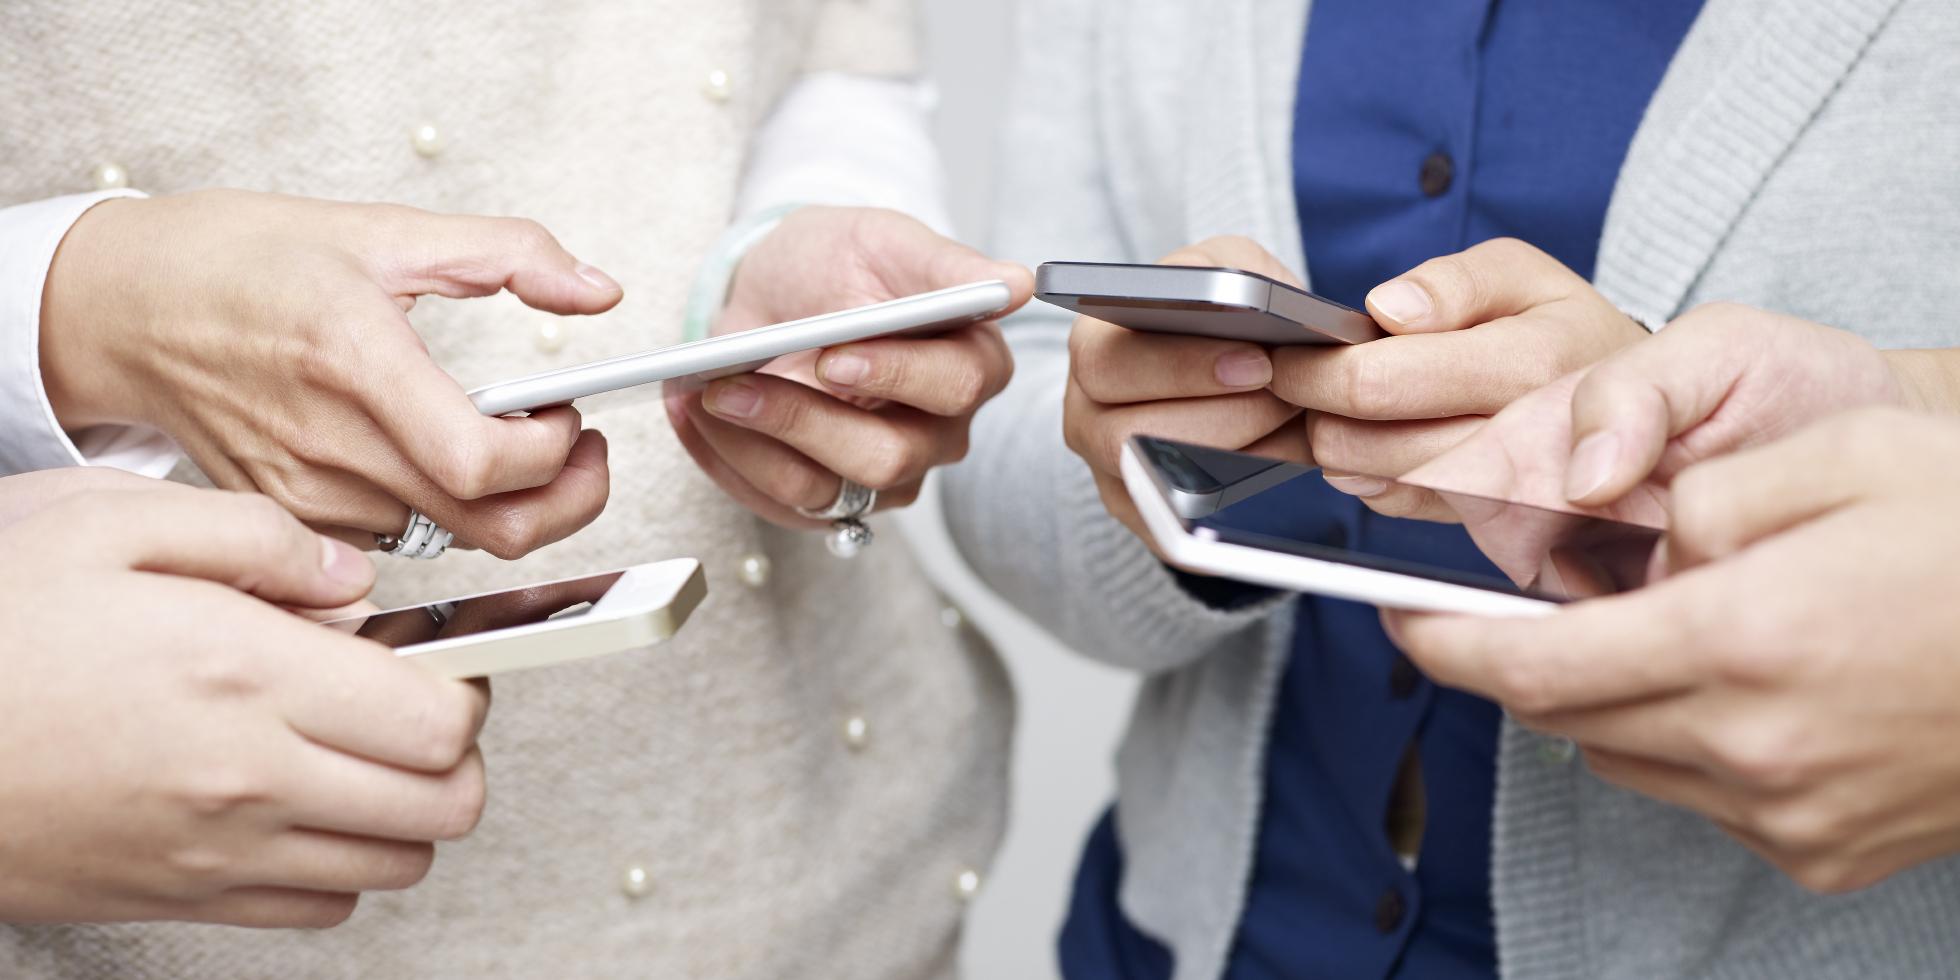 Cuida tu teléfono y sácale el máximo provecho con estas recomendaciones